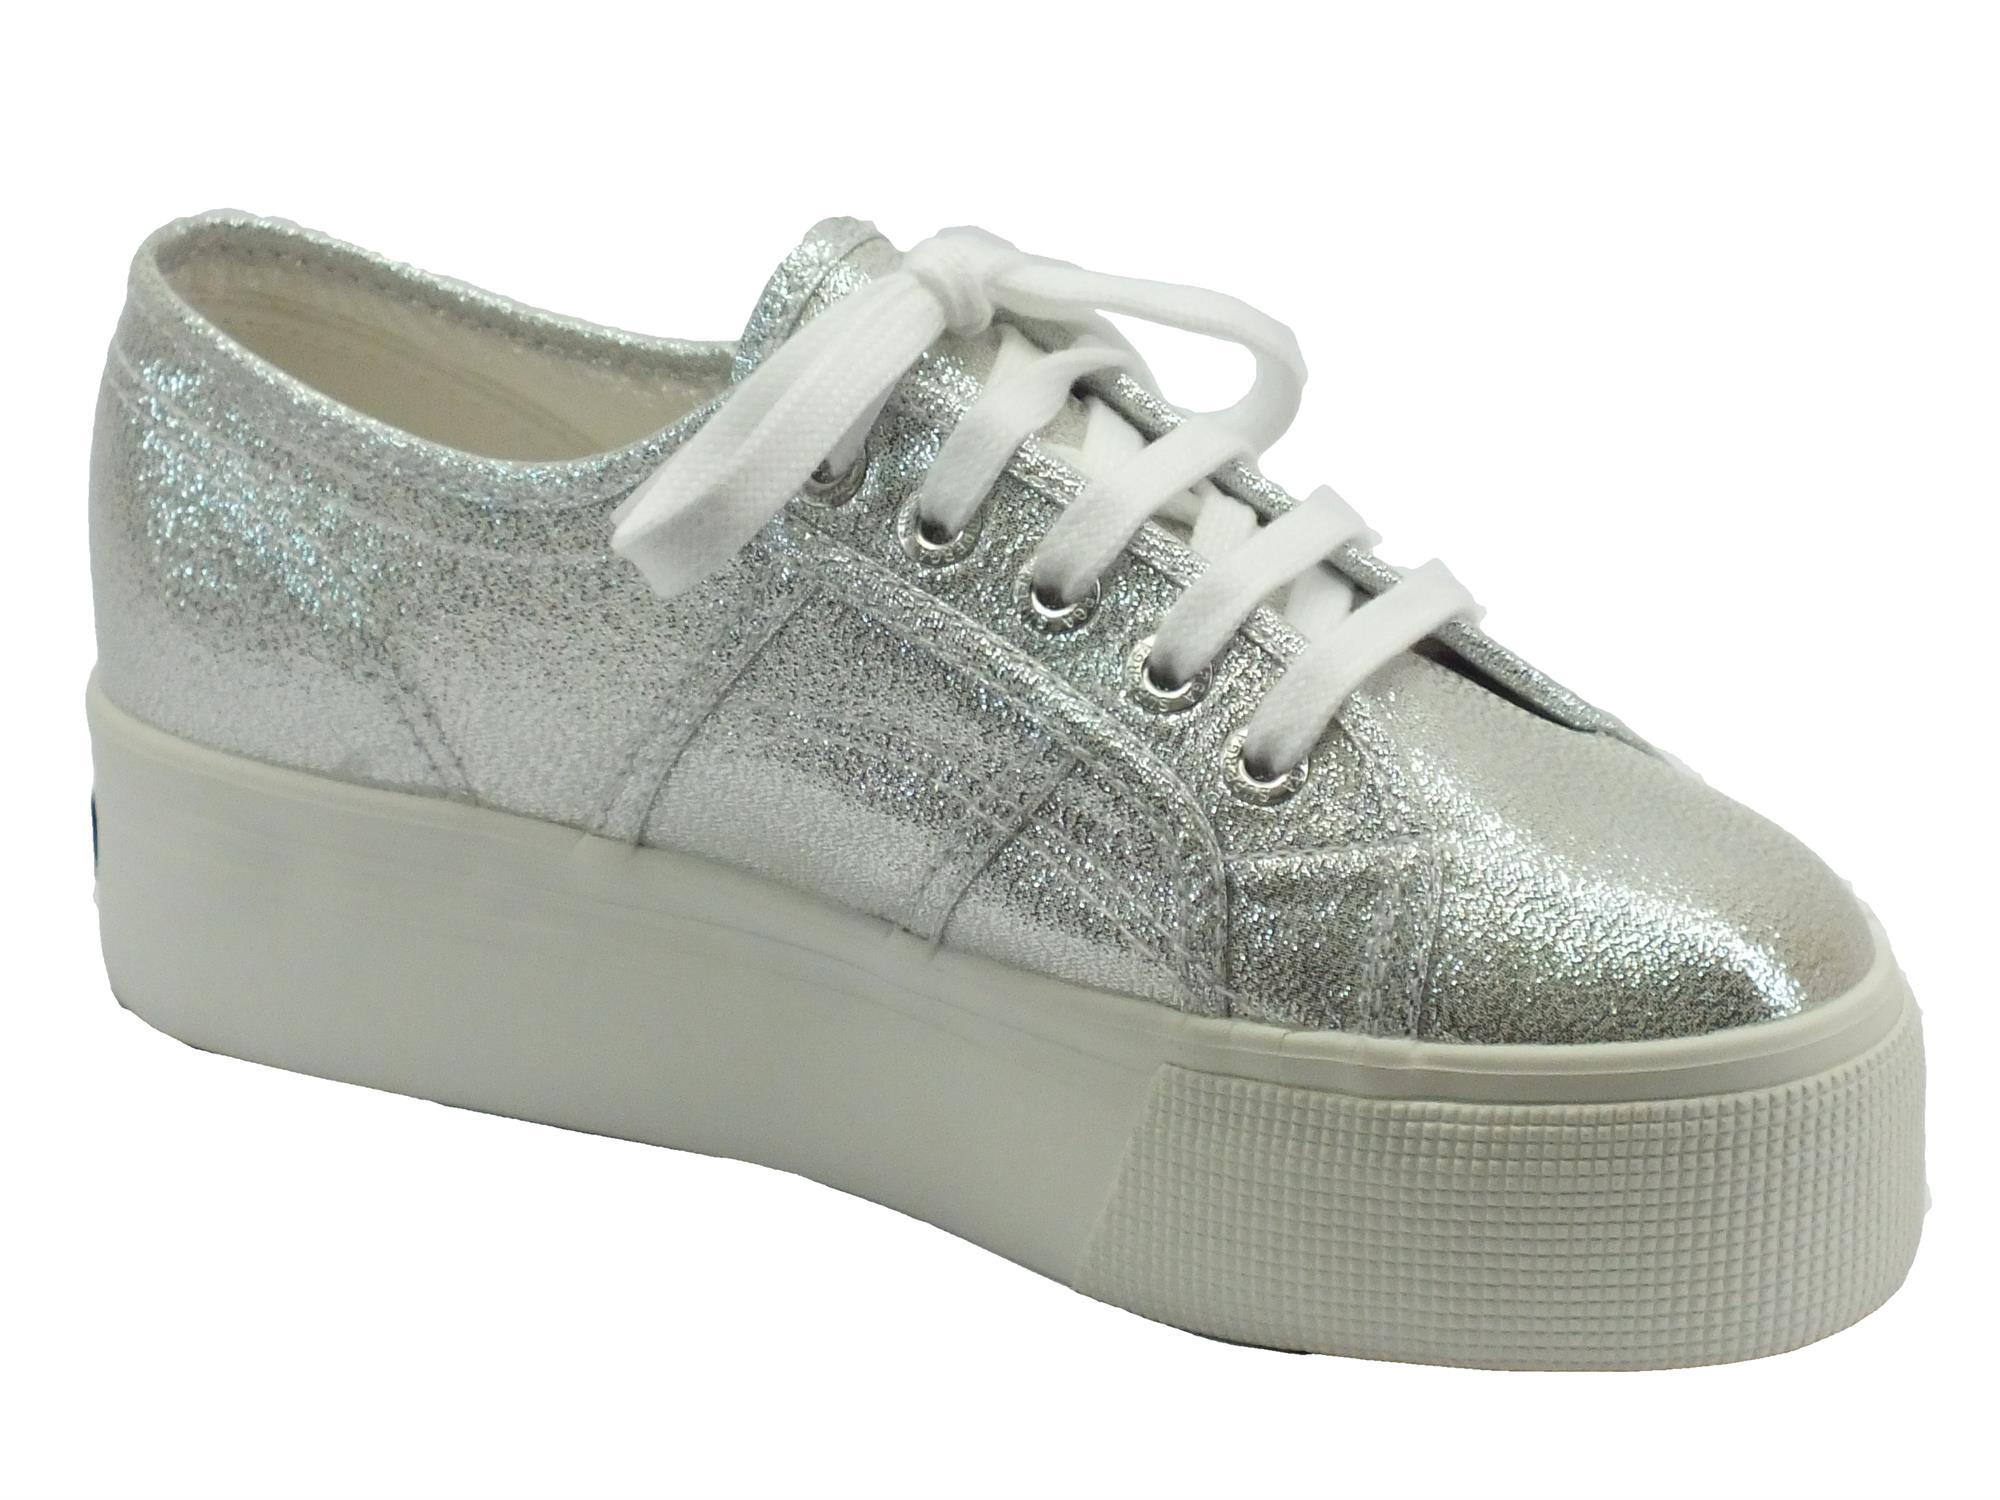 2535753f56e64 ... Scarpe sportive Superga per donna colore grigio argento con zeppa ...